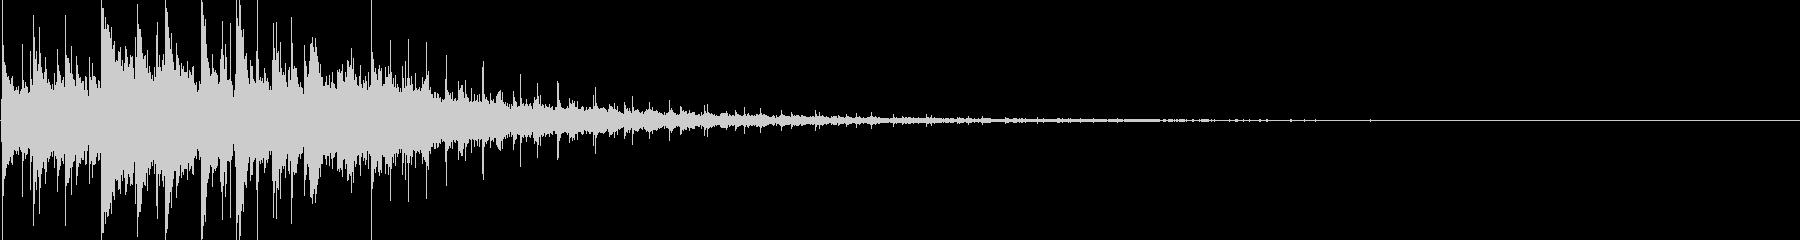 サスペンス/ミステリーME タララン8の未再生の波形